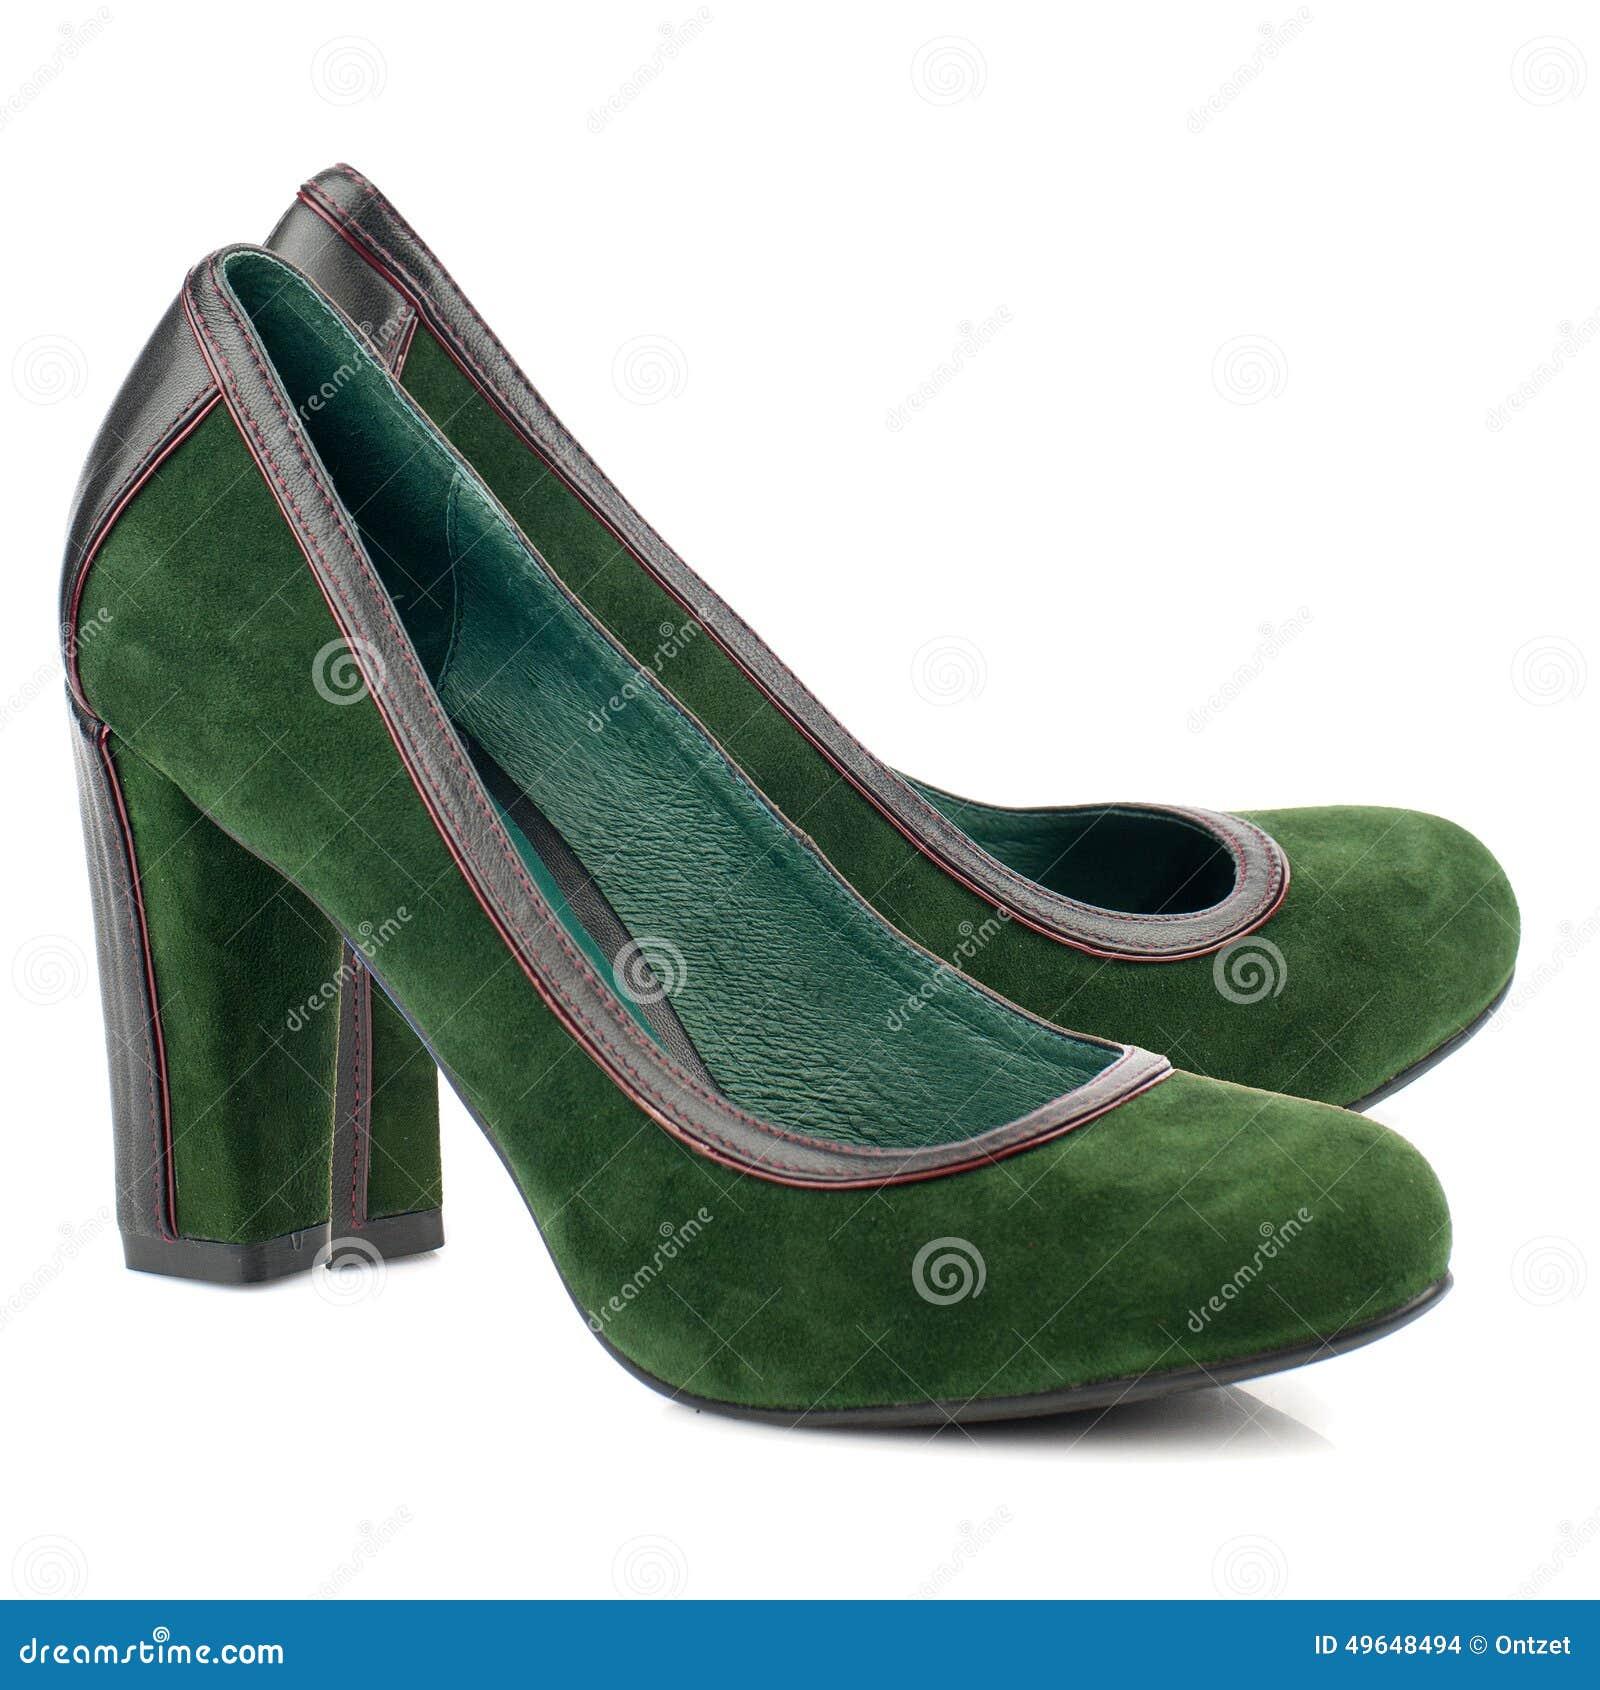 81cd8401ca3f Zapatos Verdes Del Tacón Alto Aislados En El Fondo Blanco Foto de ...